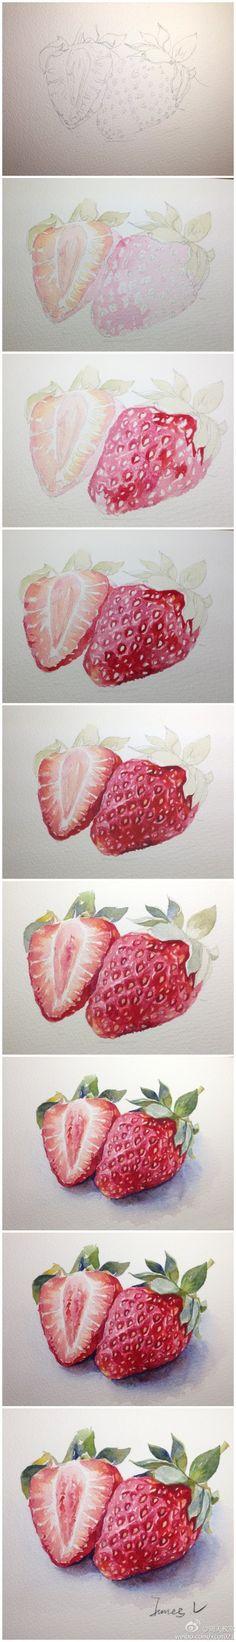 【绘画教程】 蔬果类示范汇总,by @Djibril7000 。老师示范的这么好,想知道同学们画的怎么样吗?先去吃水果解眼馋,下周公布 http://t.cn/SM9ltF 草莓画法